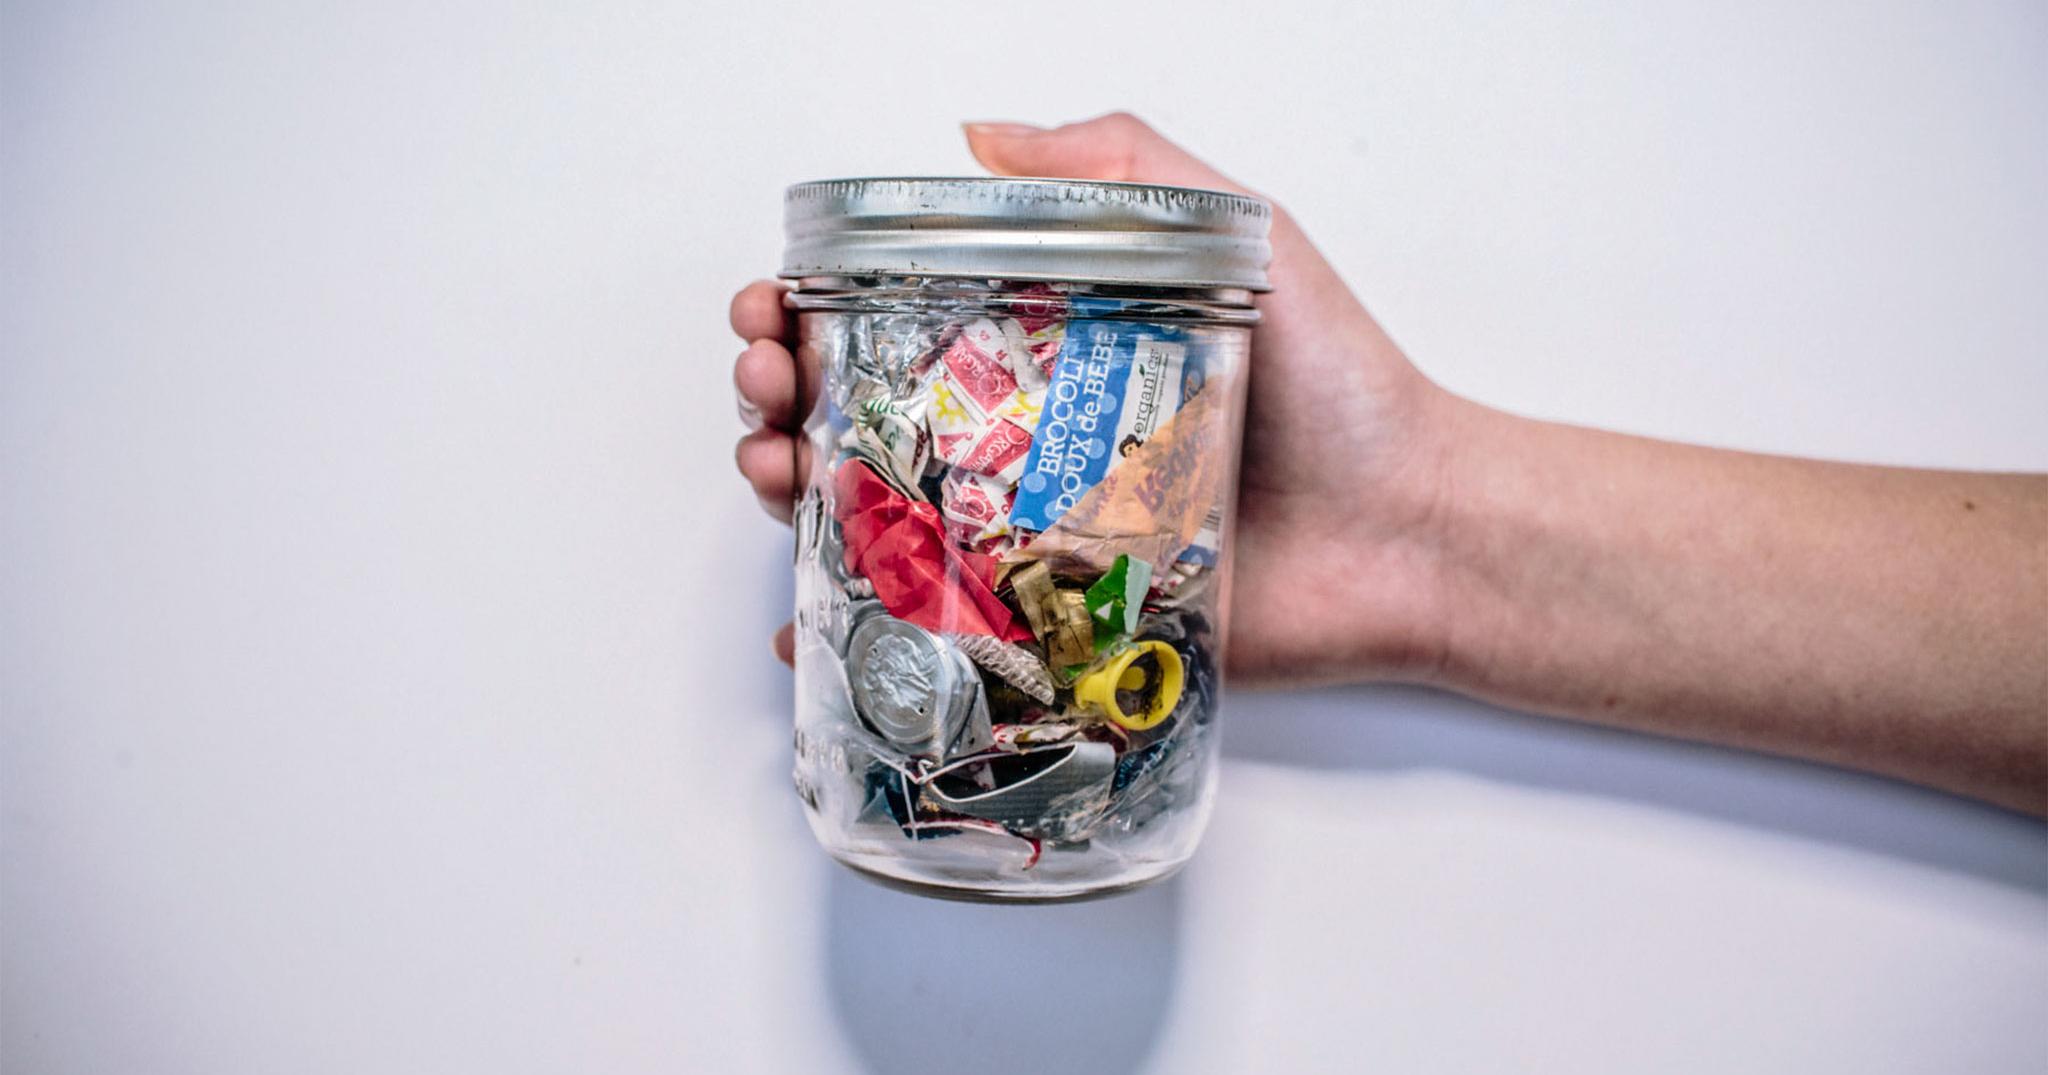 Trải nghiệm thật từ những người chỉ thải ra một lọ rác mỗi năm